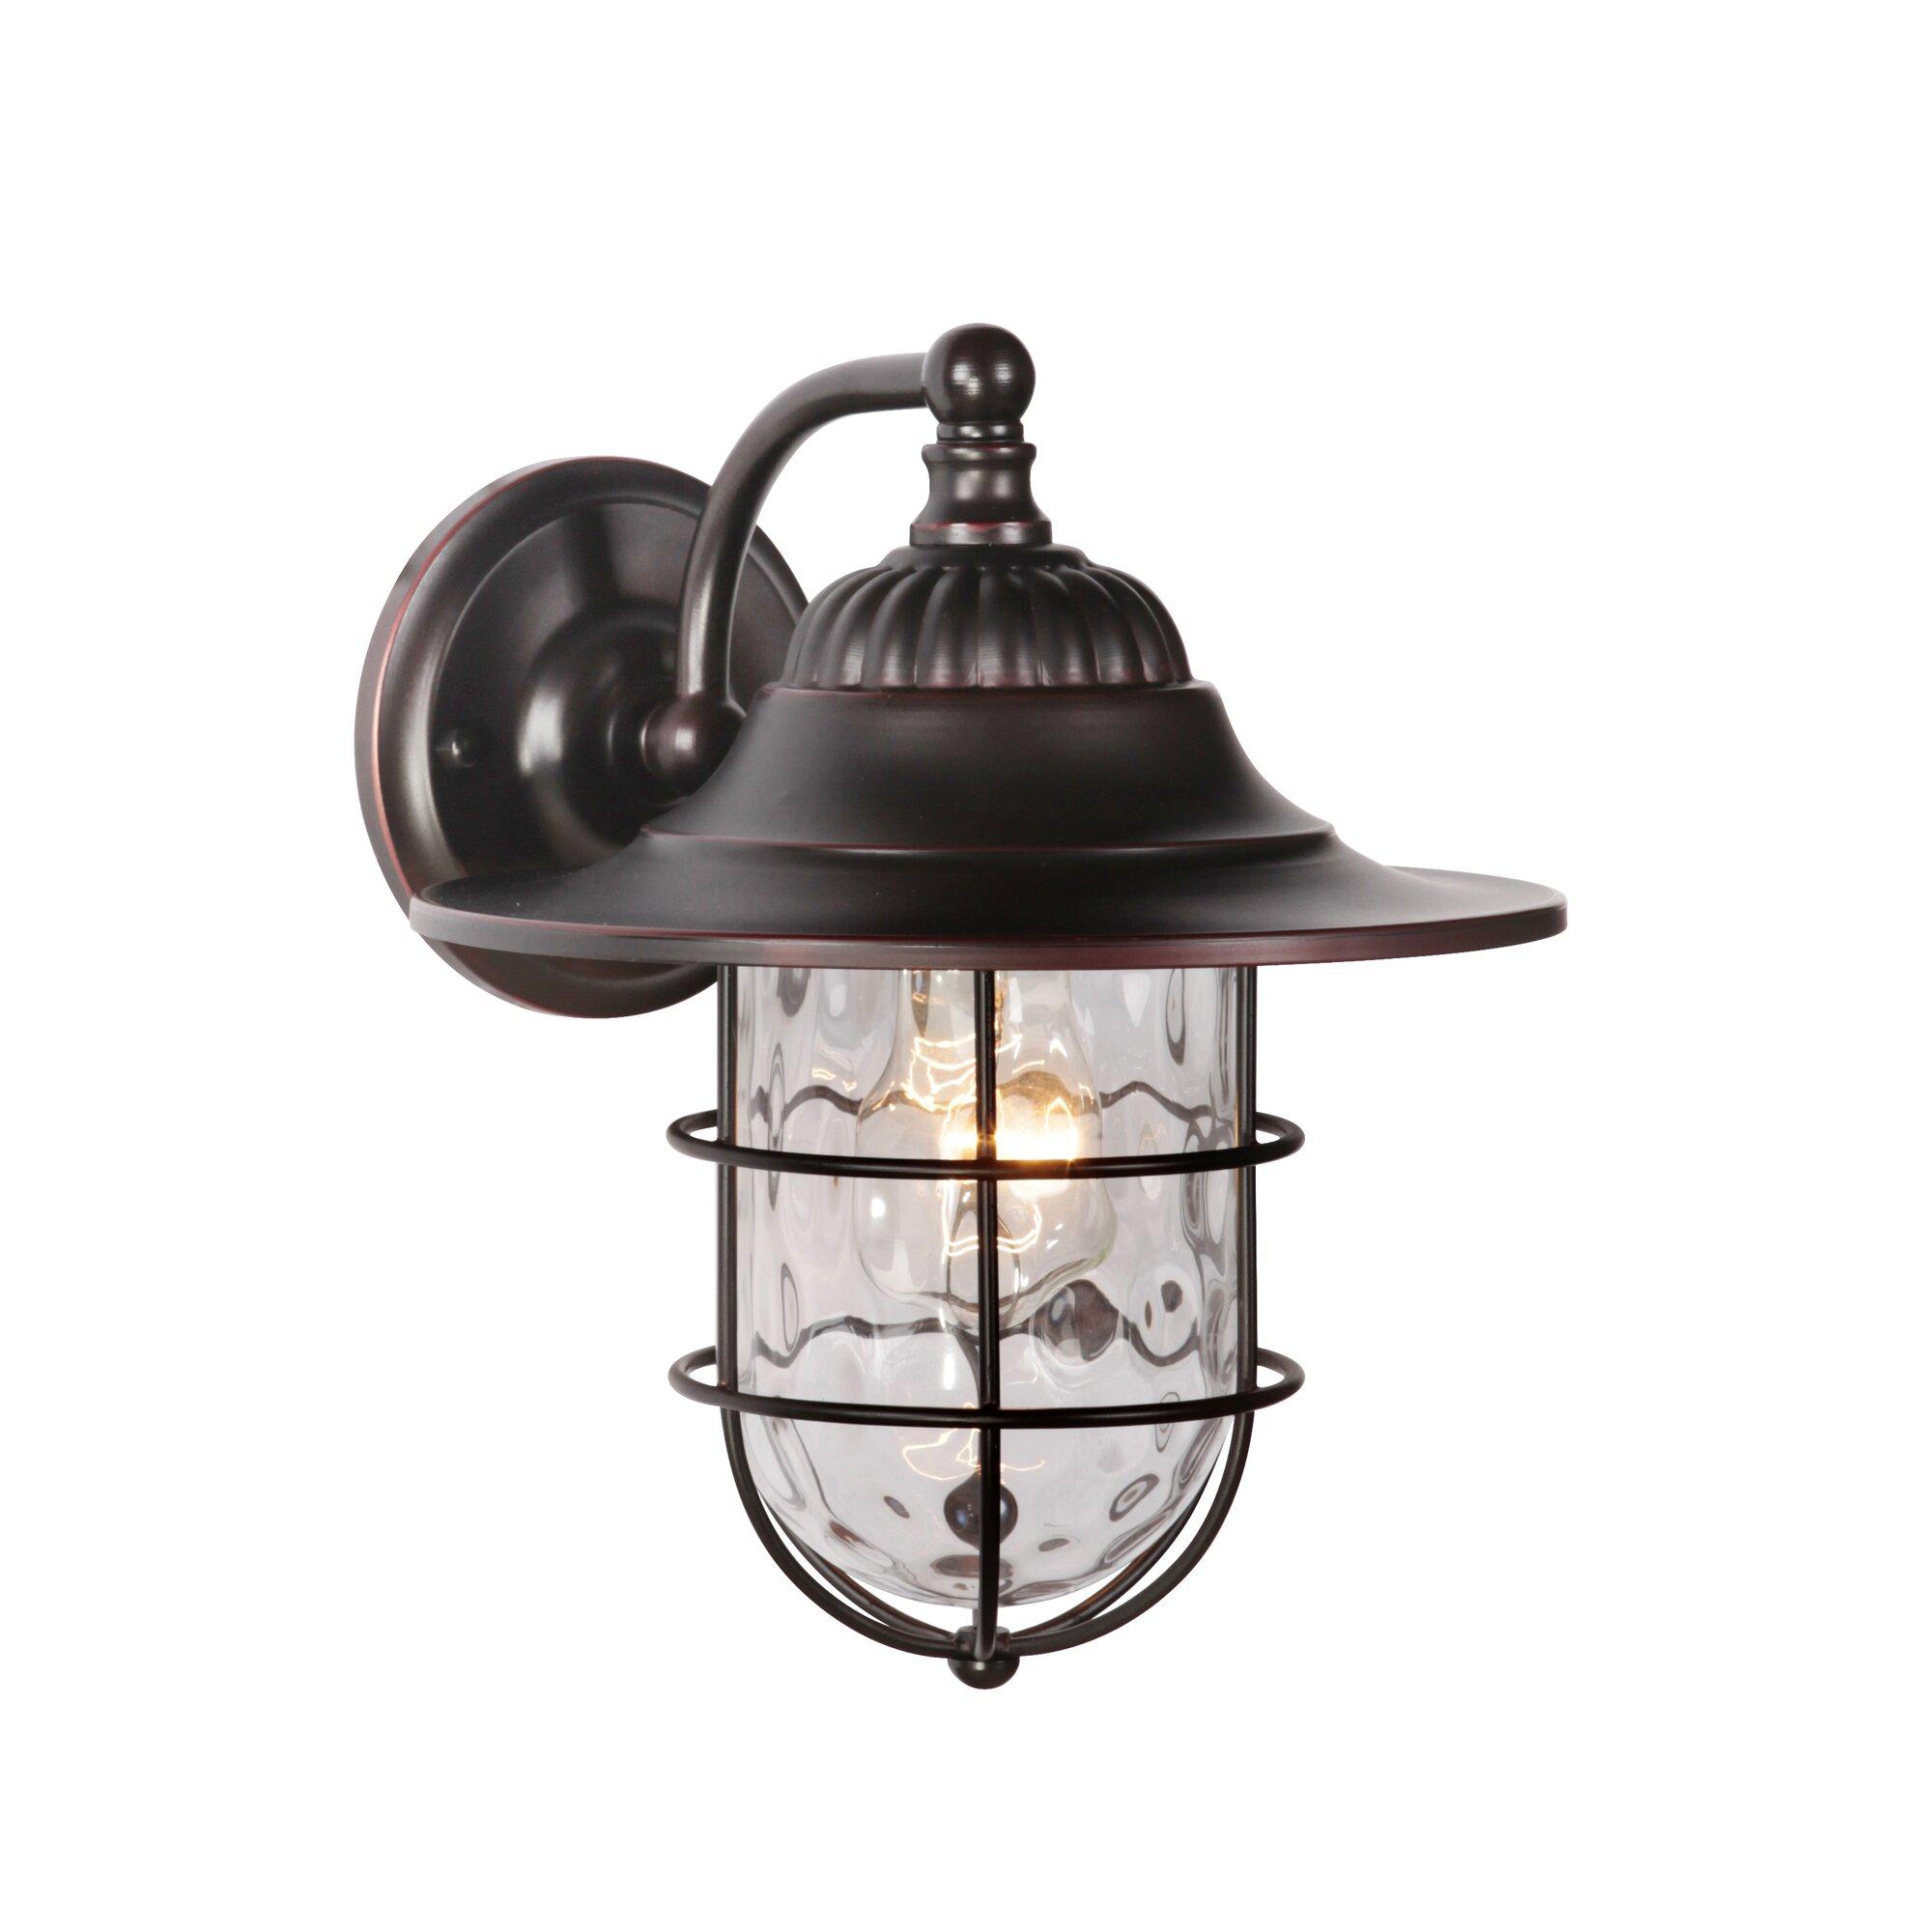 Goodyear 1 Light Outdoor Barn Light: Craftmade Fairmont 1-Light Outdoor Barn Light & Reviews